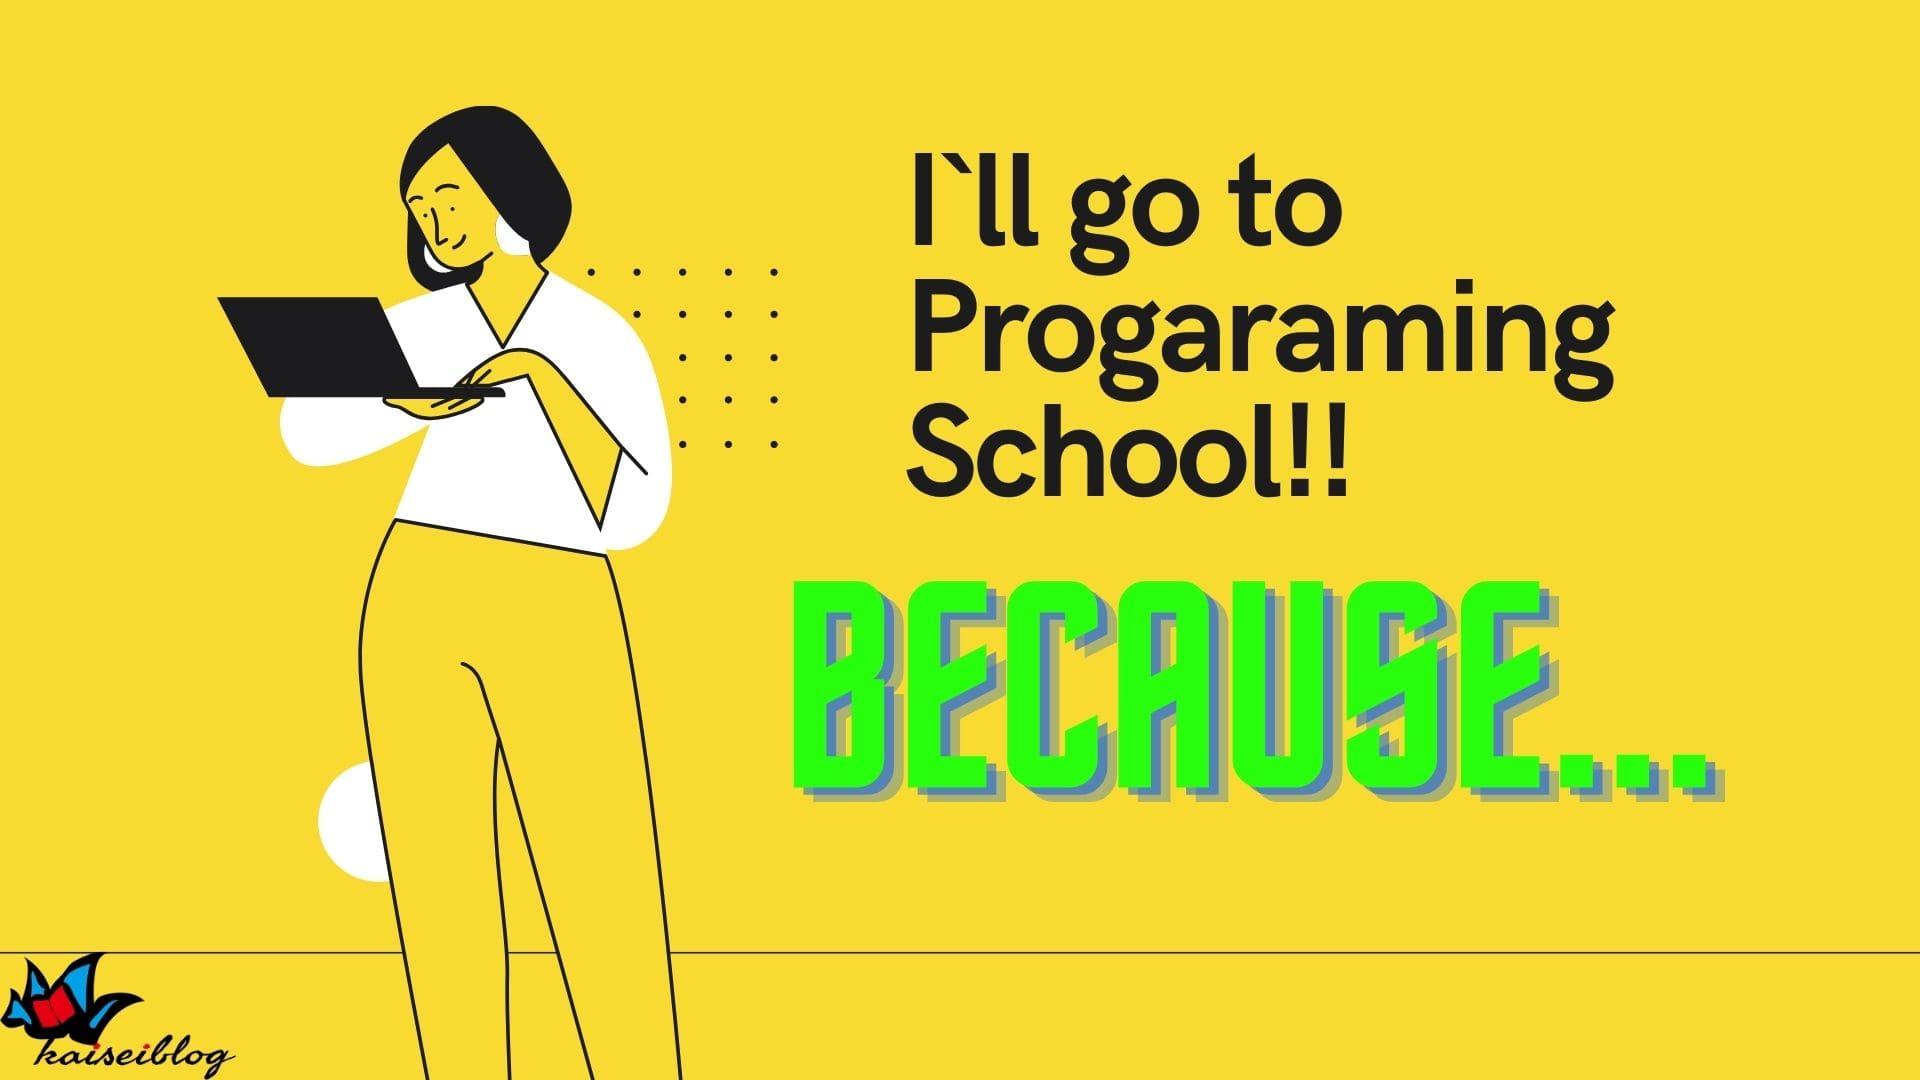 プログラミングスクール 行く理由